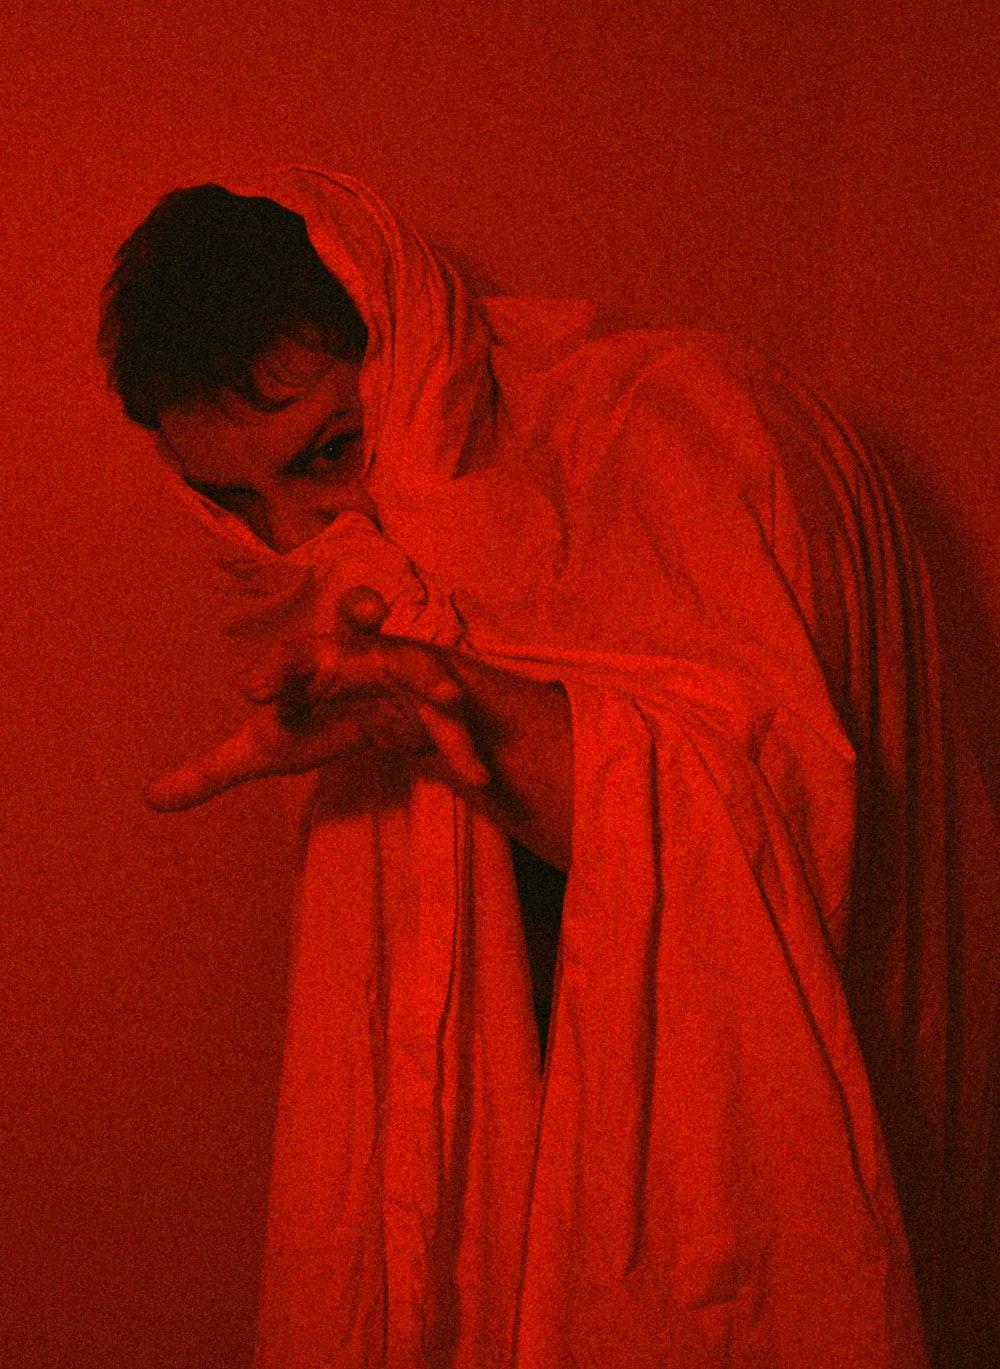 man in red hoodie standing